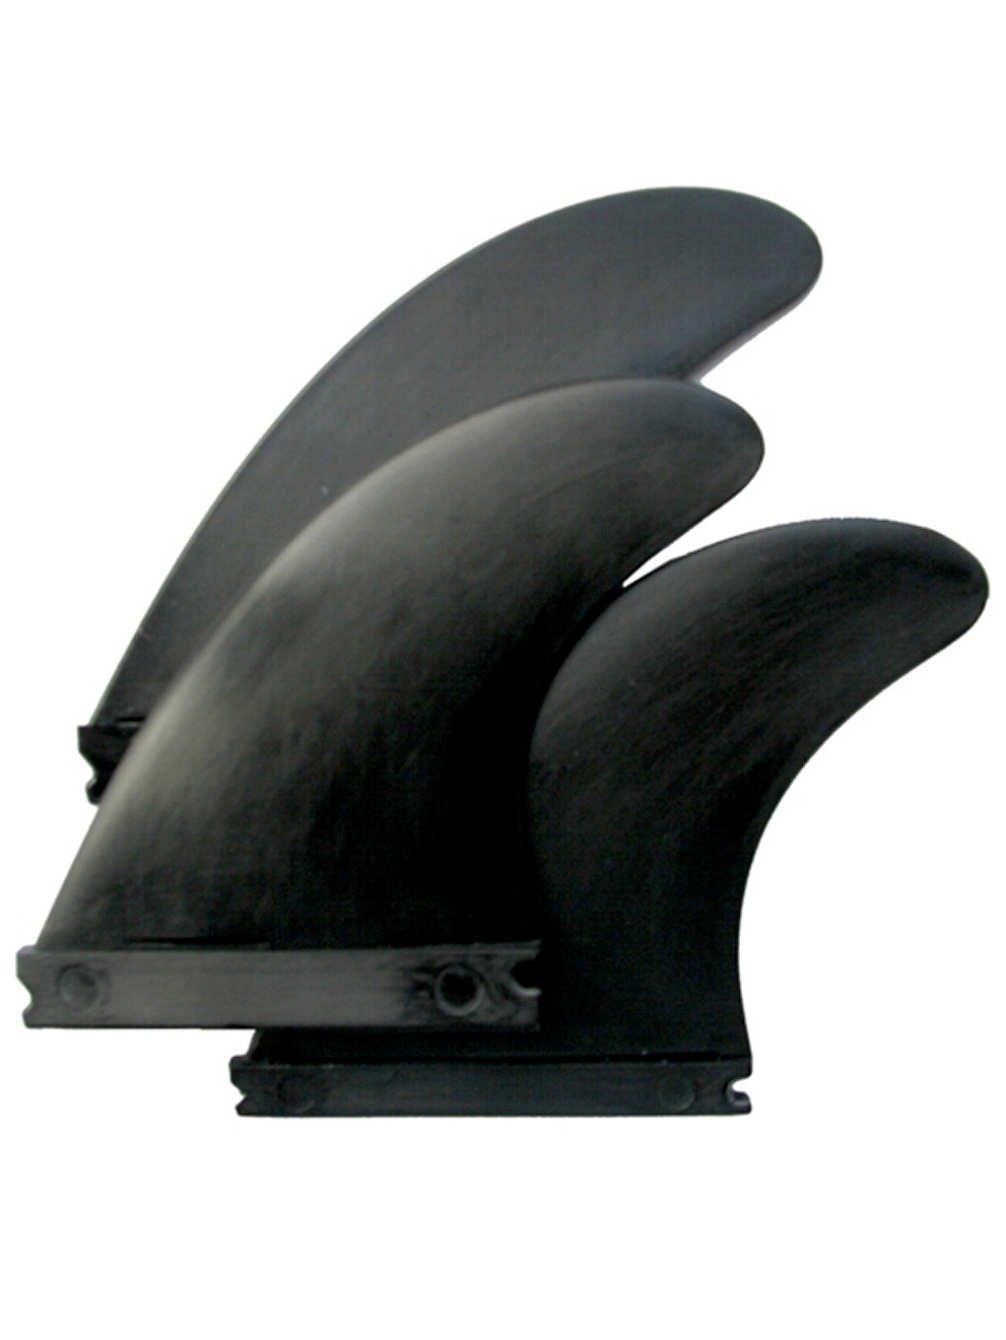 Torq Futures Surfboard Finnen F6 Thruster Set